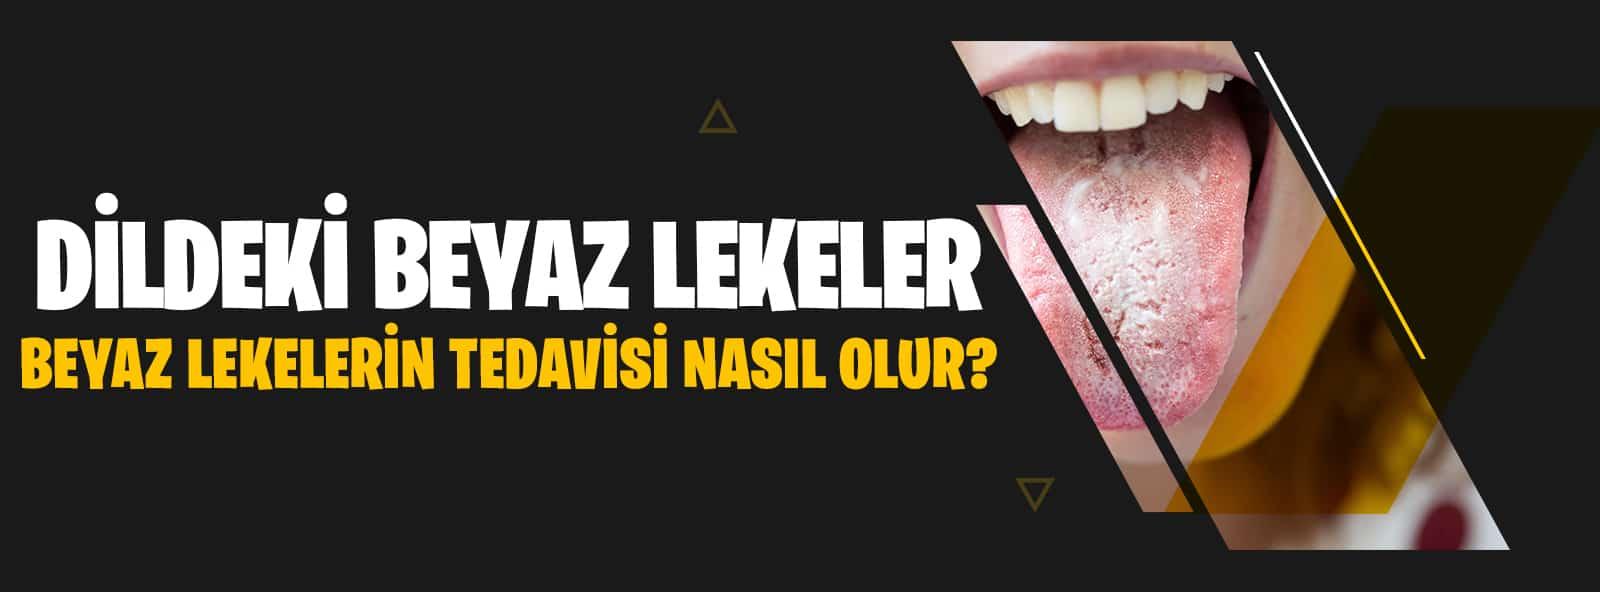 Dildeki Beyaz Lekeler Nedir?